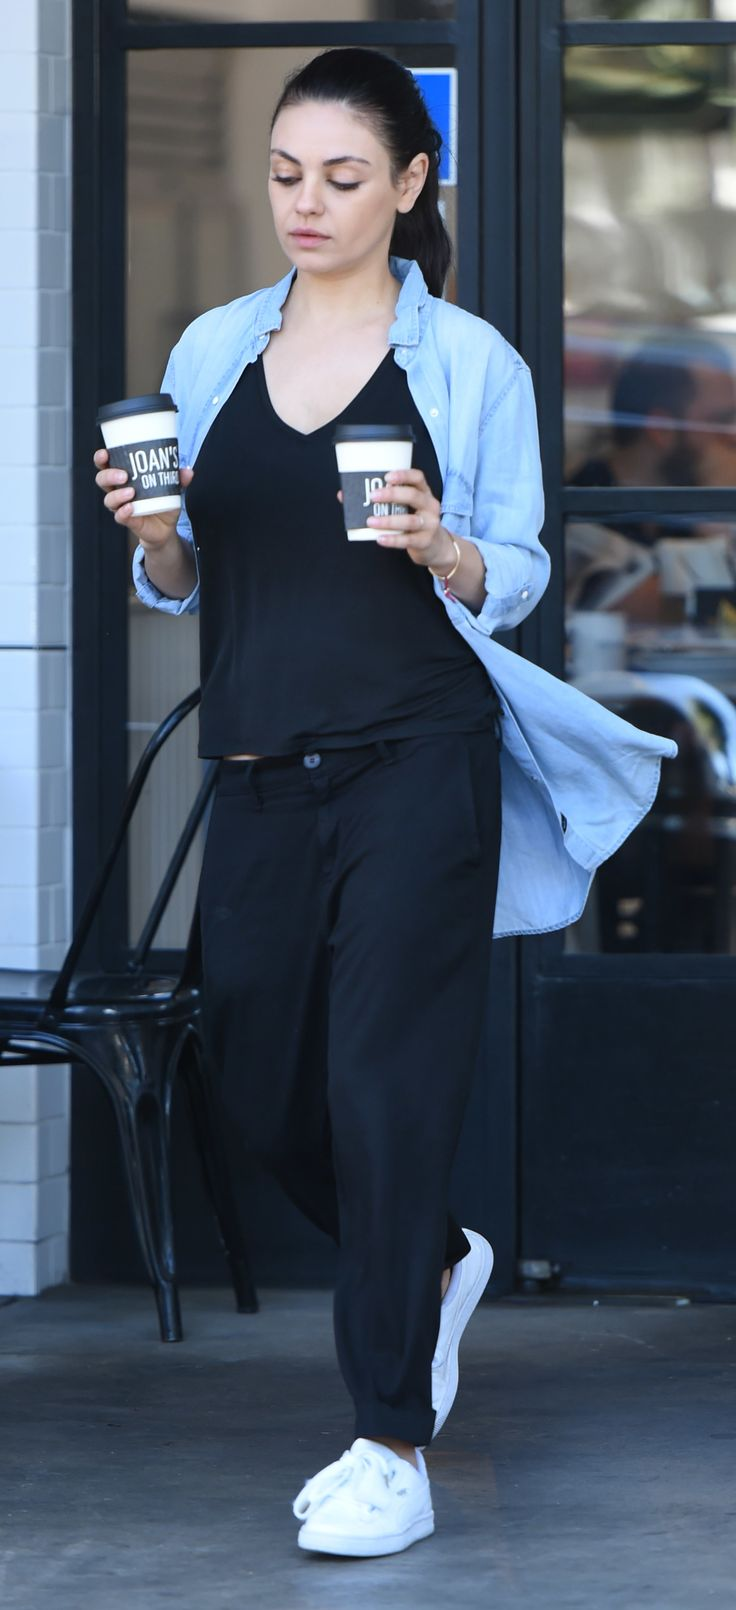 Mila Kunis leaving Starbucks in LA 4/29/17